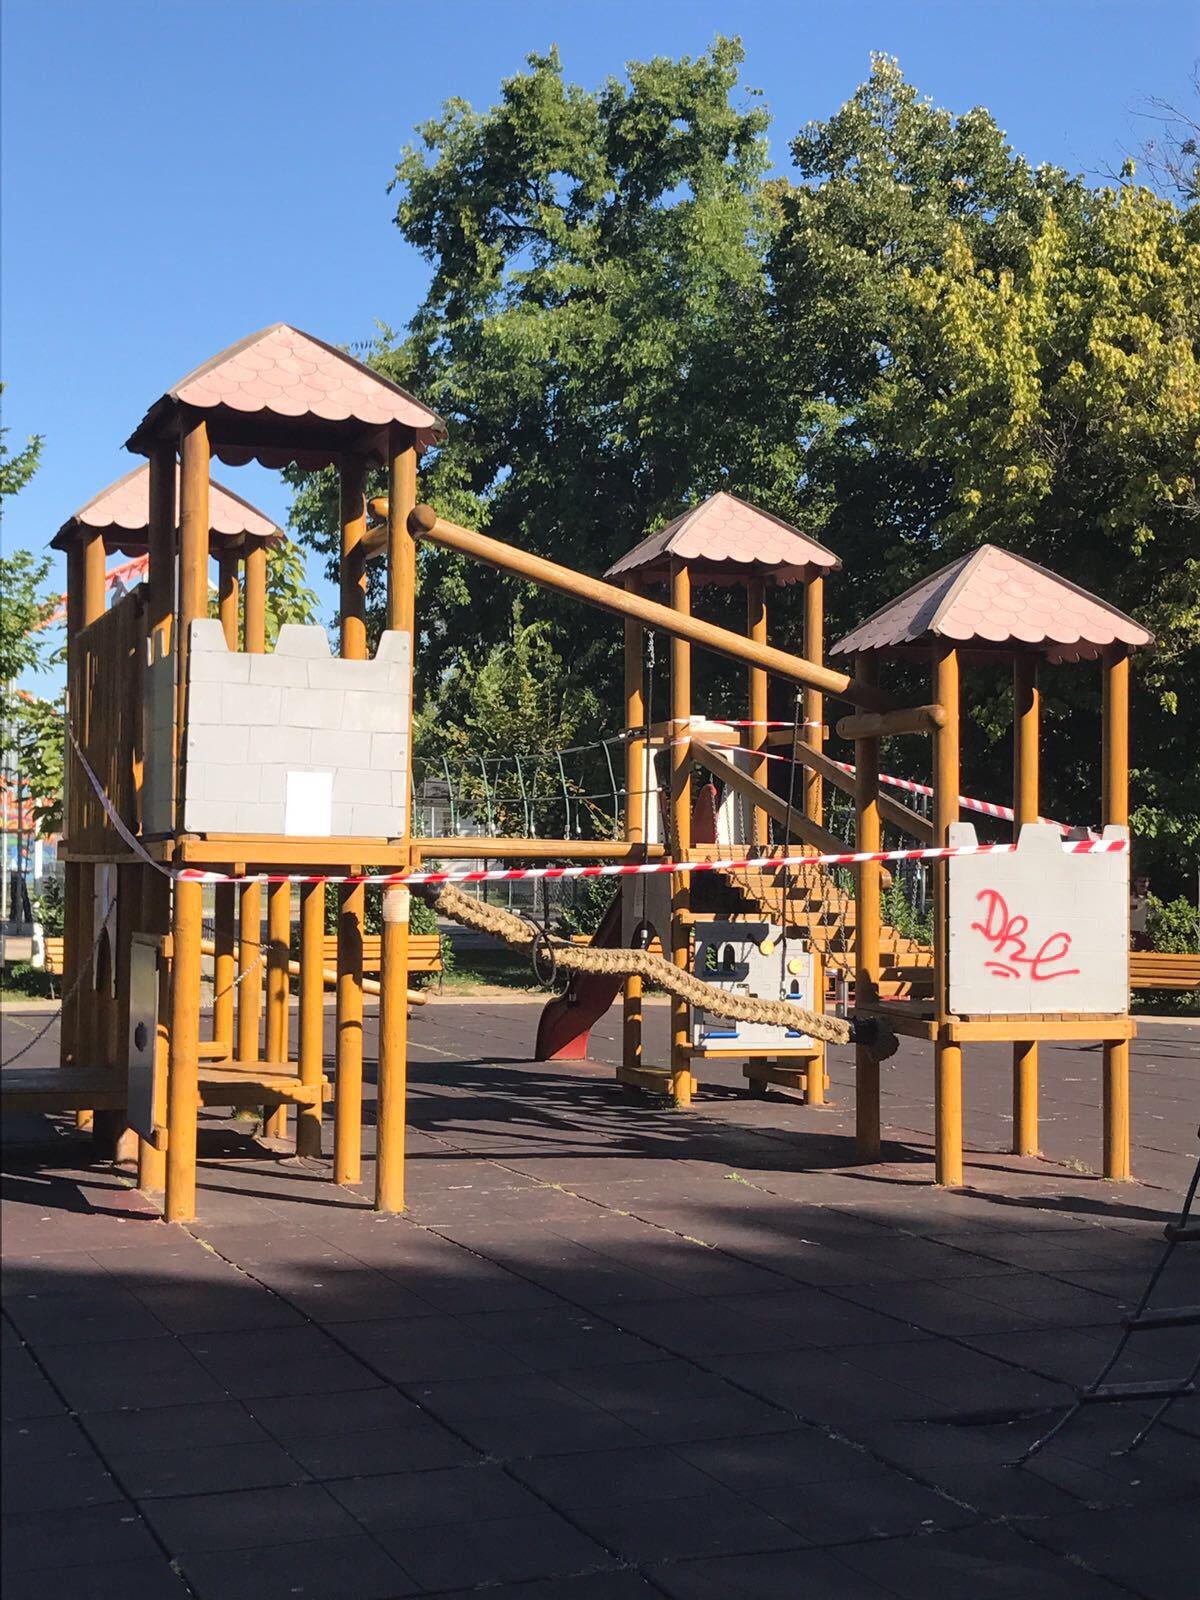 FOTO | Accident grav în Parcul Tei. Un copil şi-a fracturat coloana, după ce a căzut la un loc de joacă